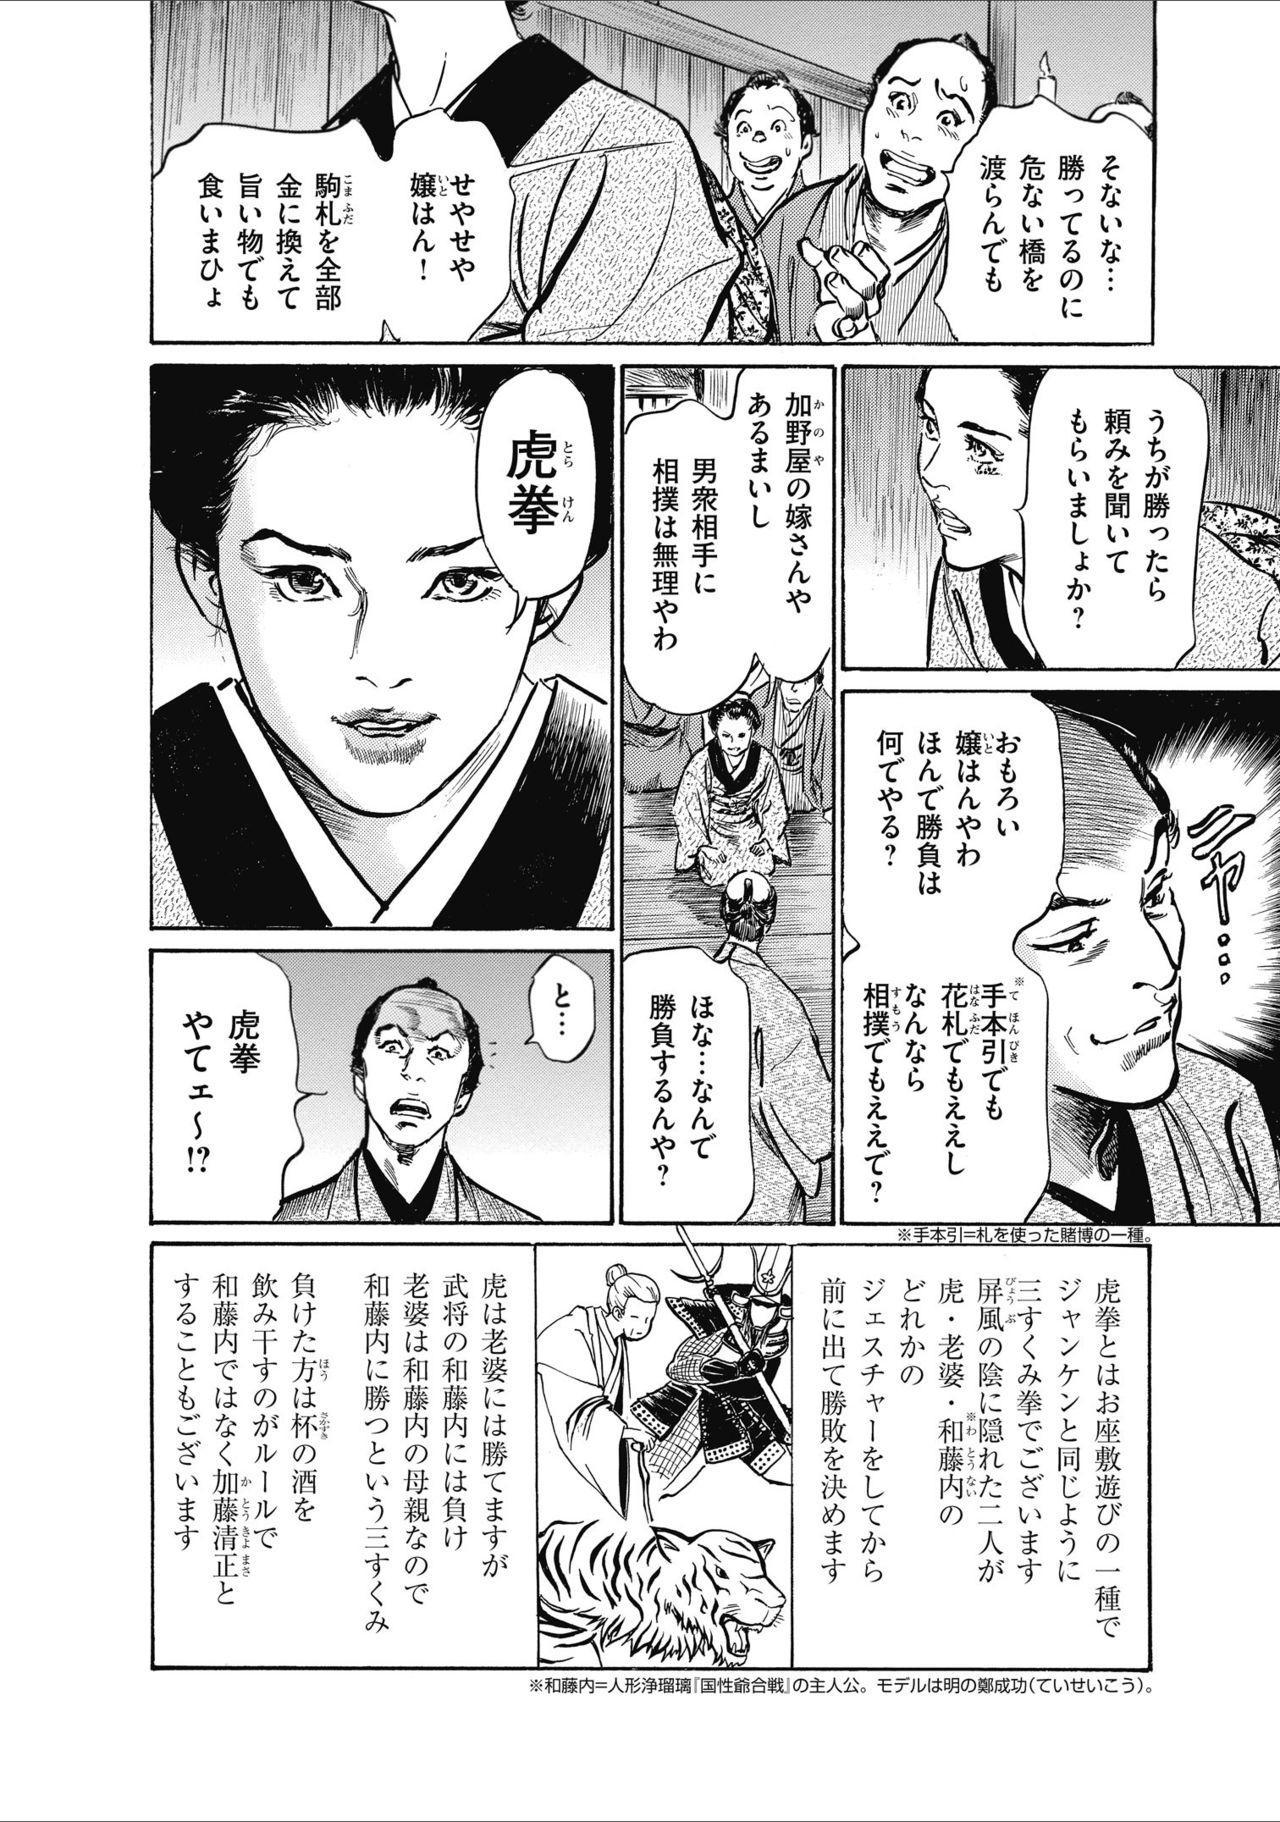 ひめごと 浮世艶草子 209